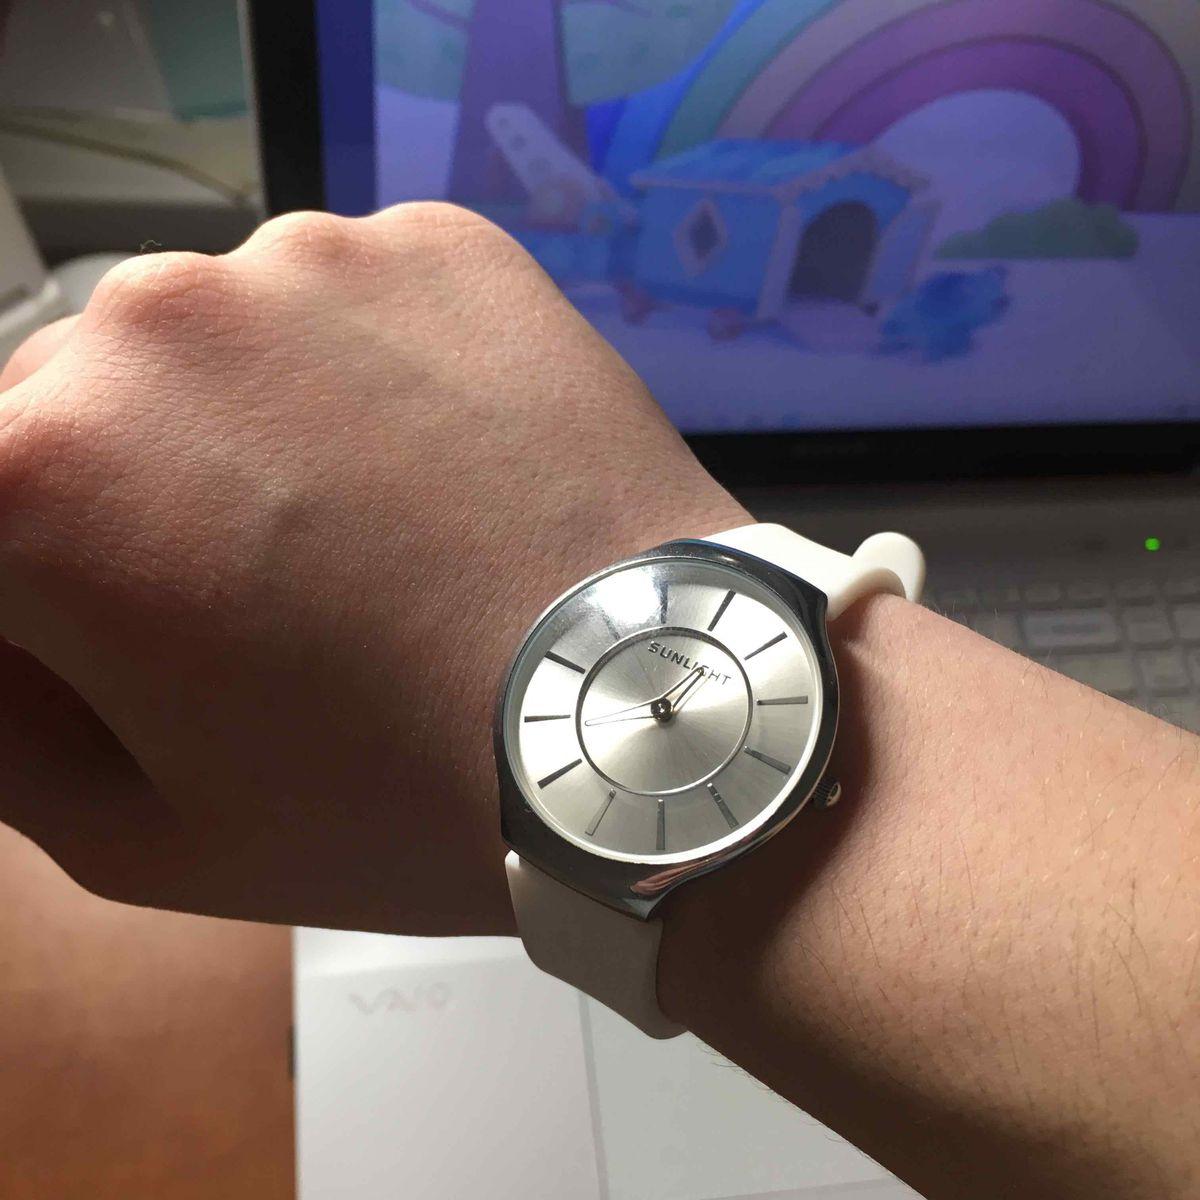 Часы и правда очень красивые!😍